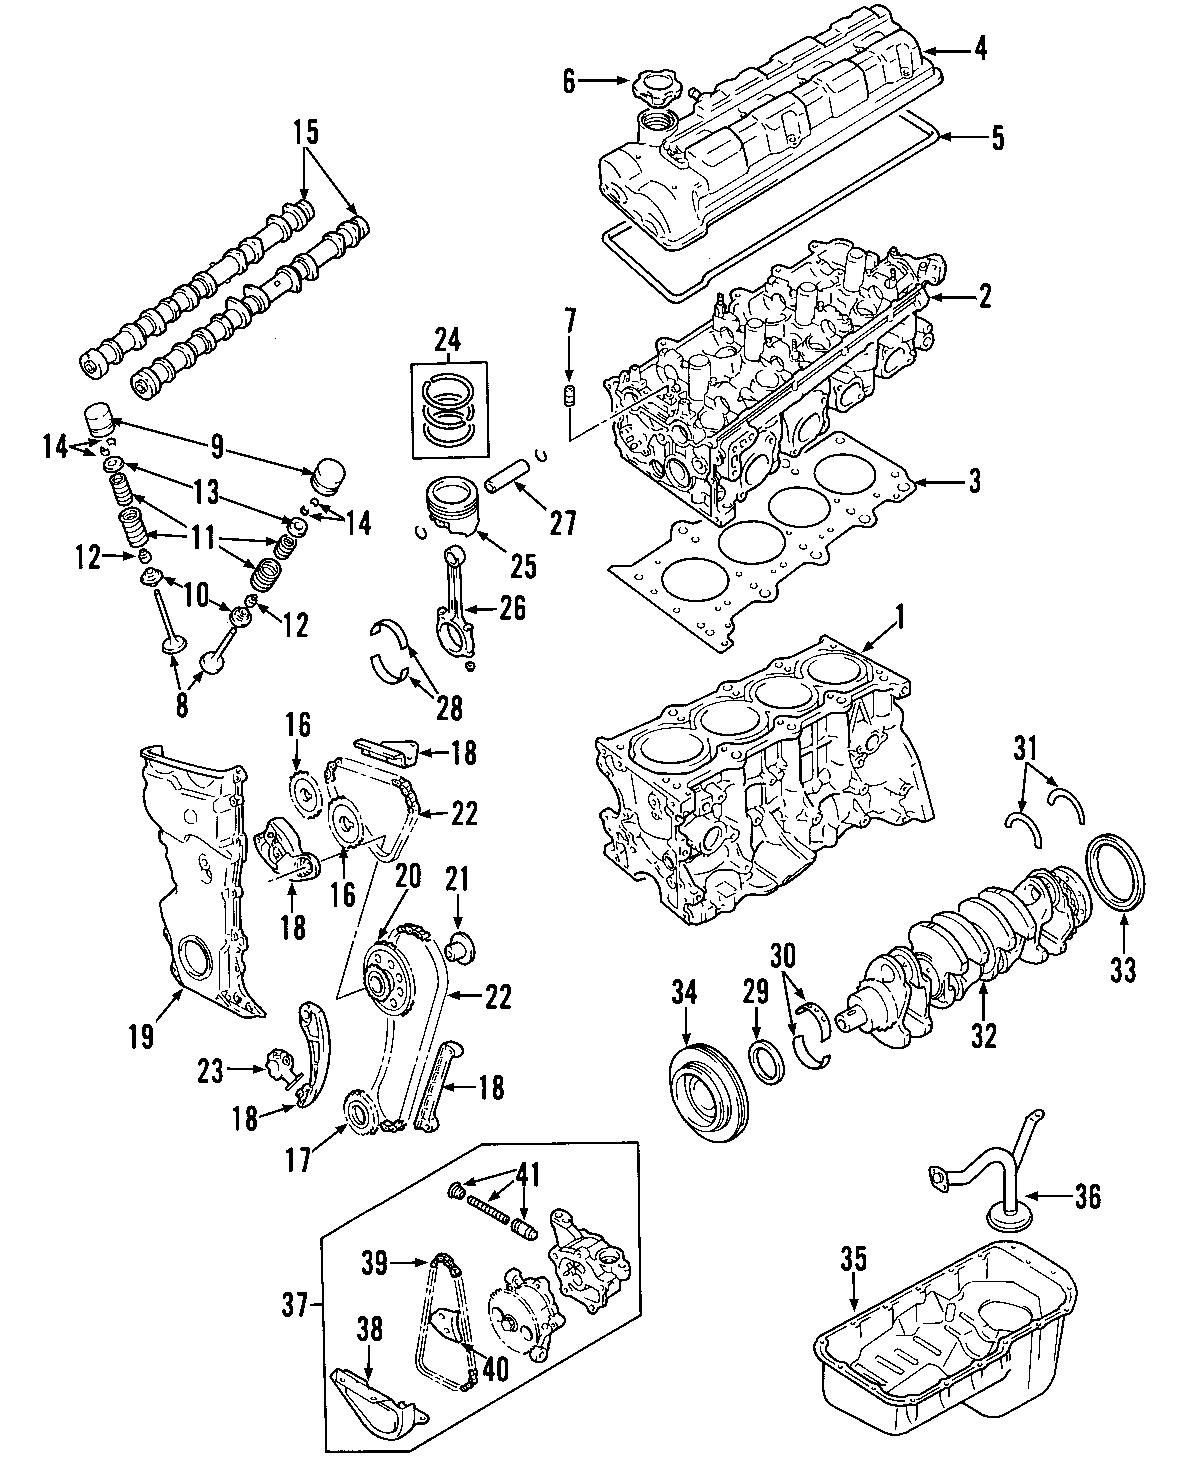 Chevrolet Tracker Engine Timing Cover 2 0 Liter Tracker